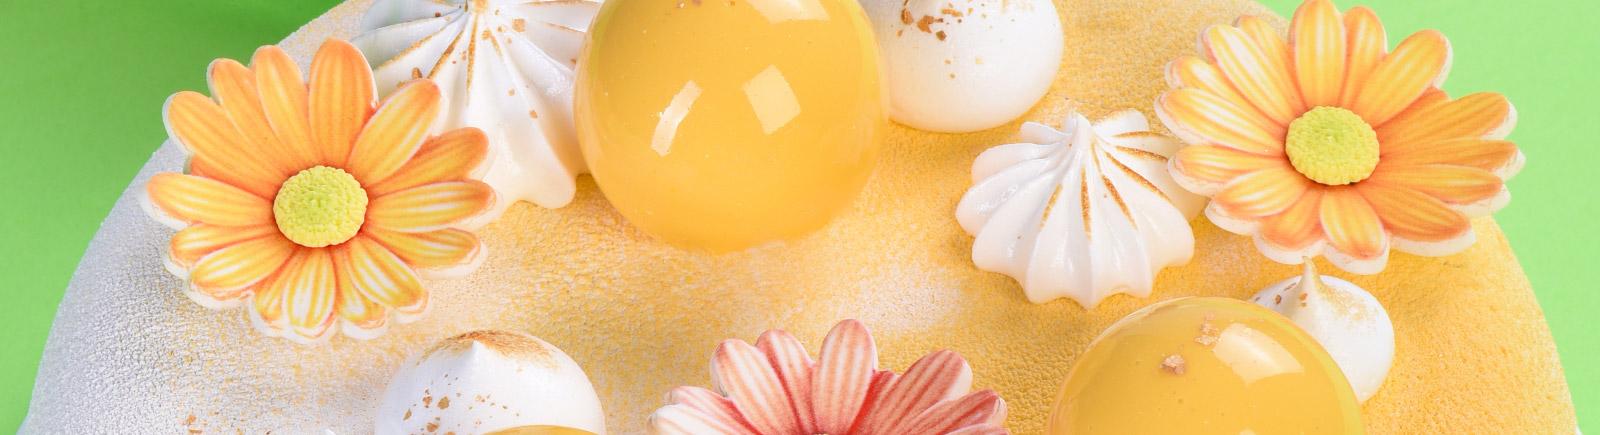 Fiori e decorazioni in zucchero